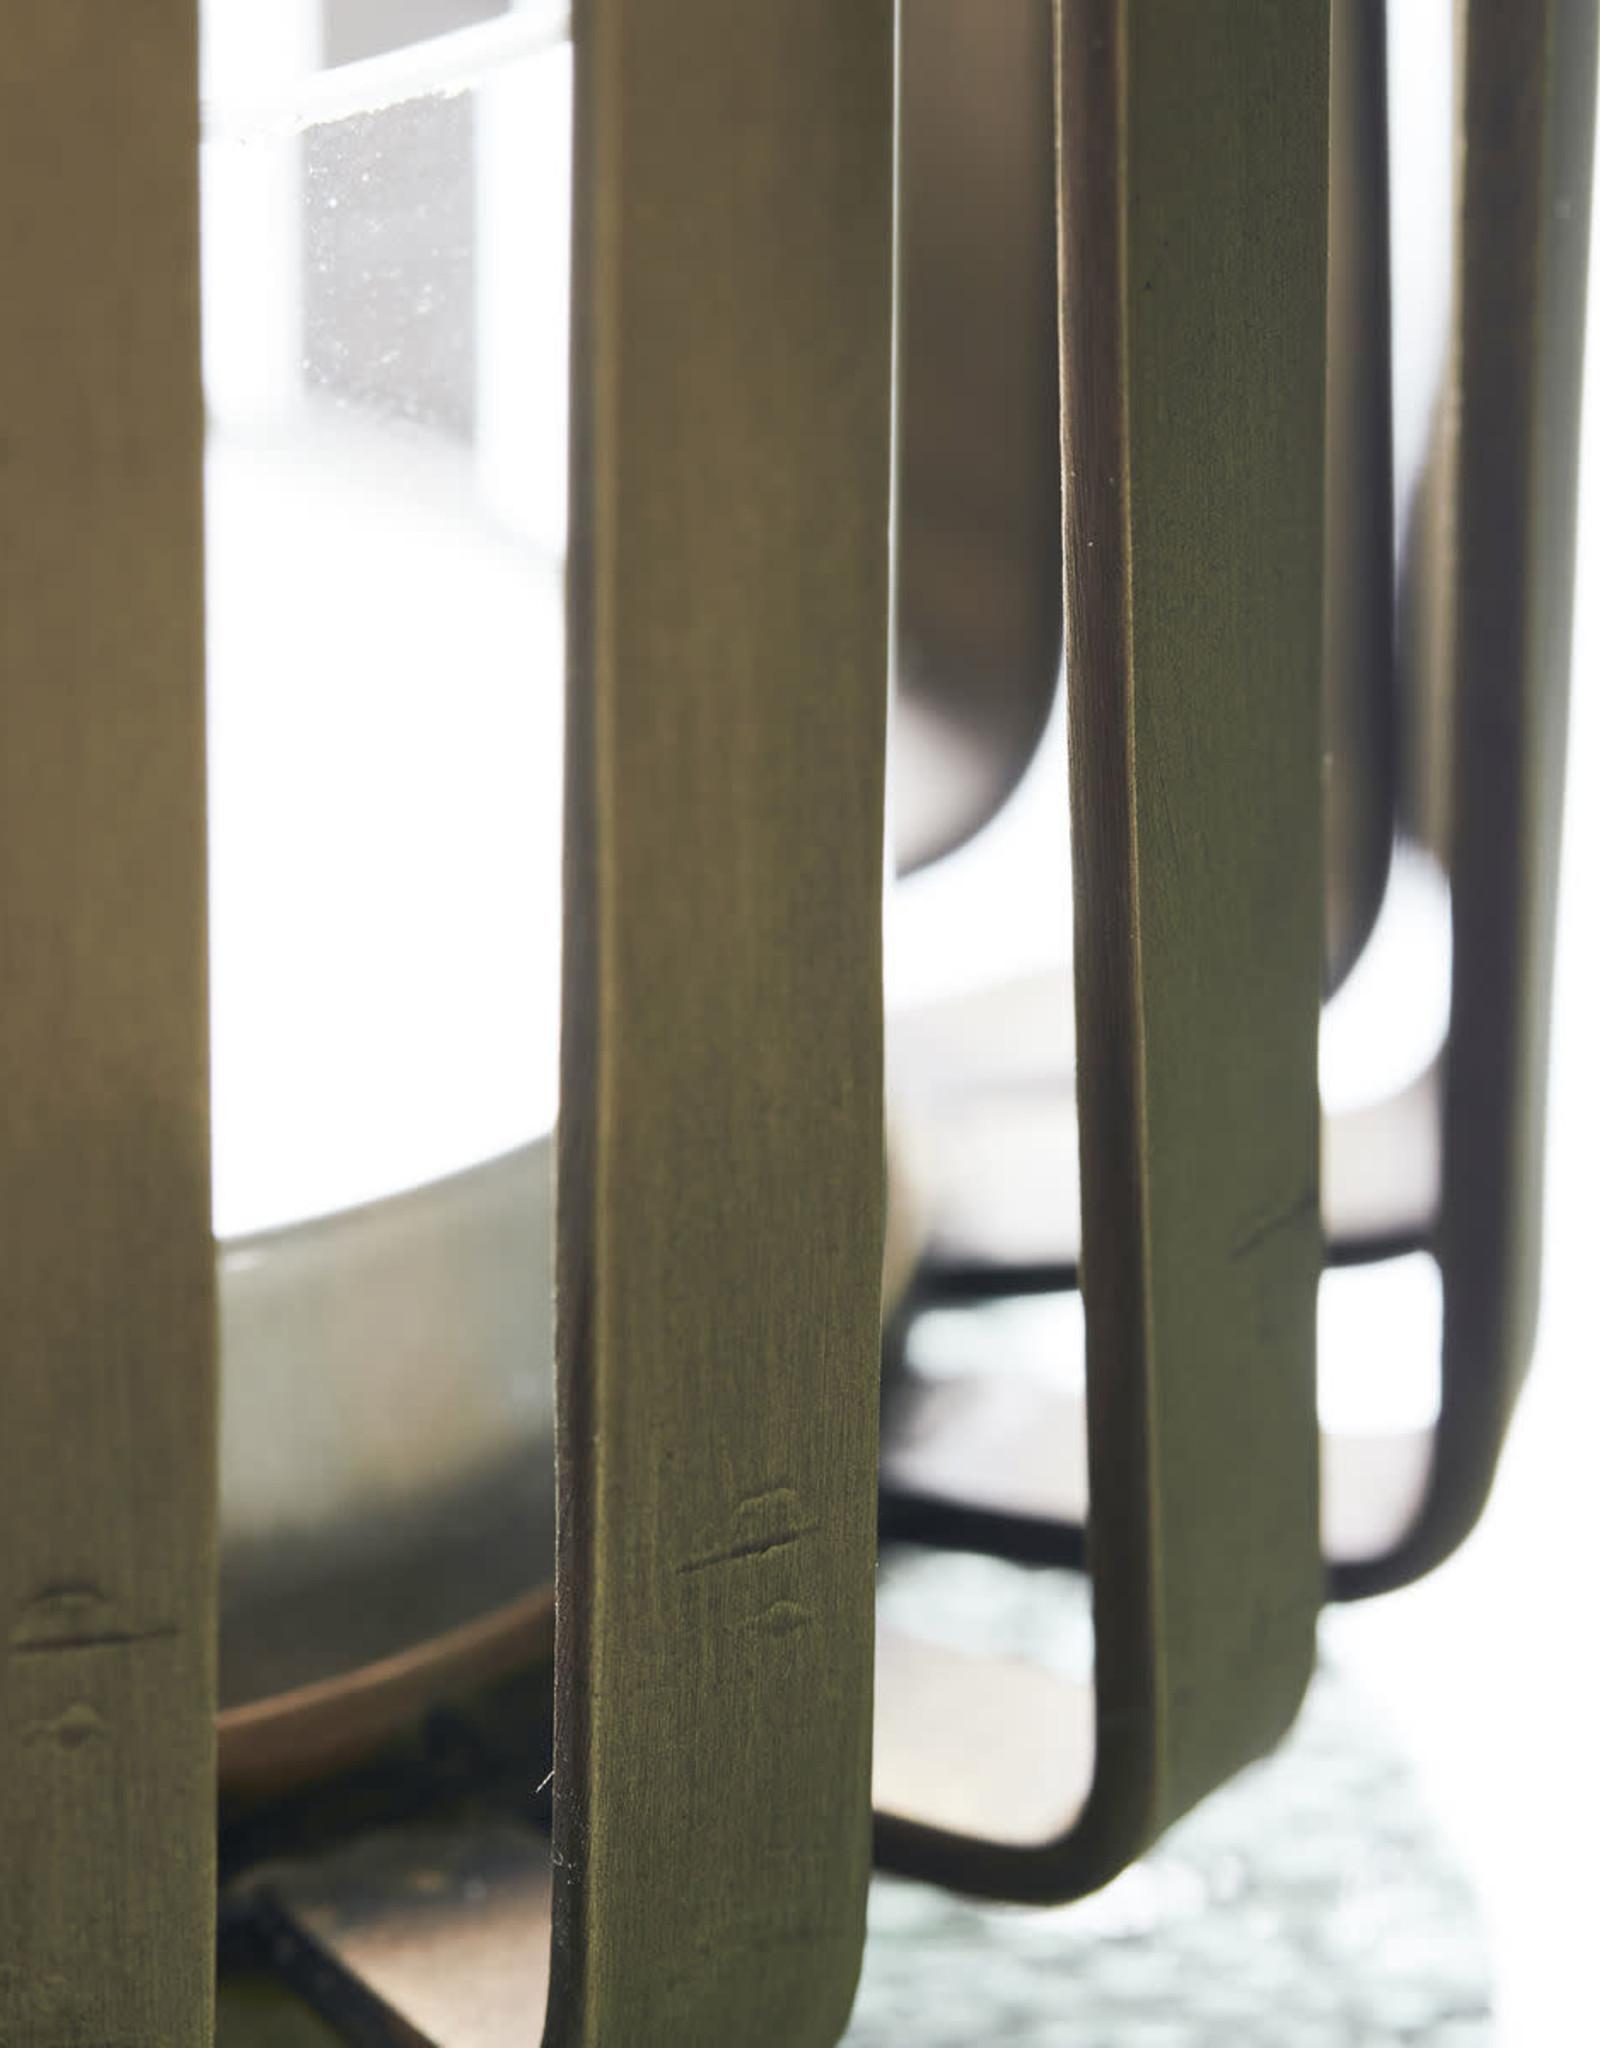 House Doctor House Doctor - Tealightholder bars